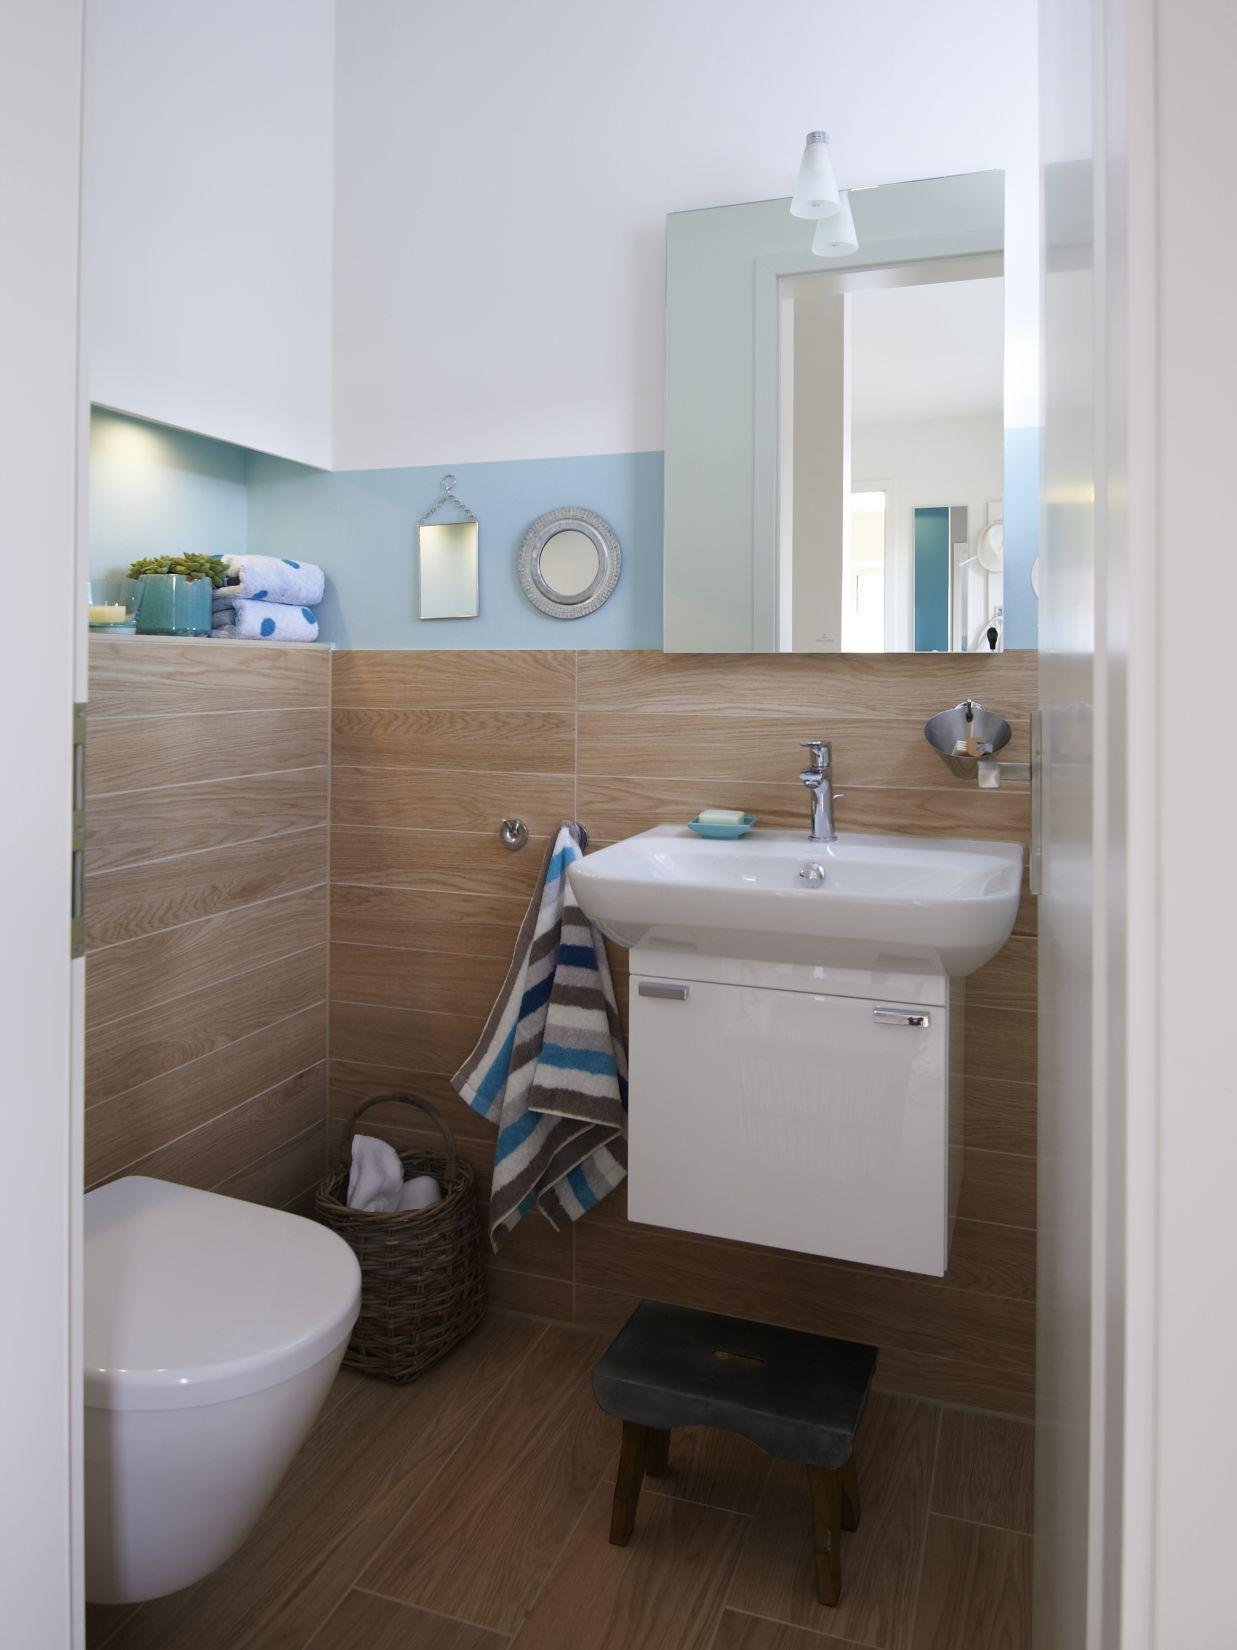 Farbgestaltung Gästebad Edition 425 WOHNIDEE-Haus - Familienhaus zum ...